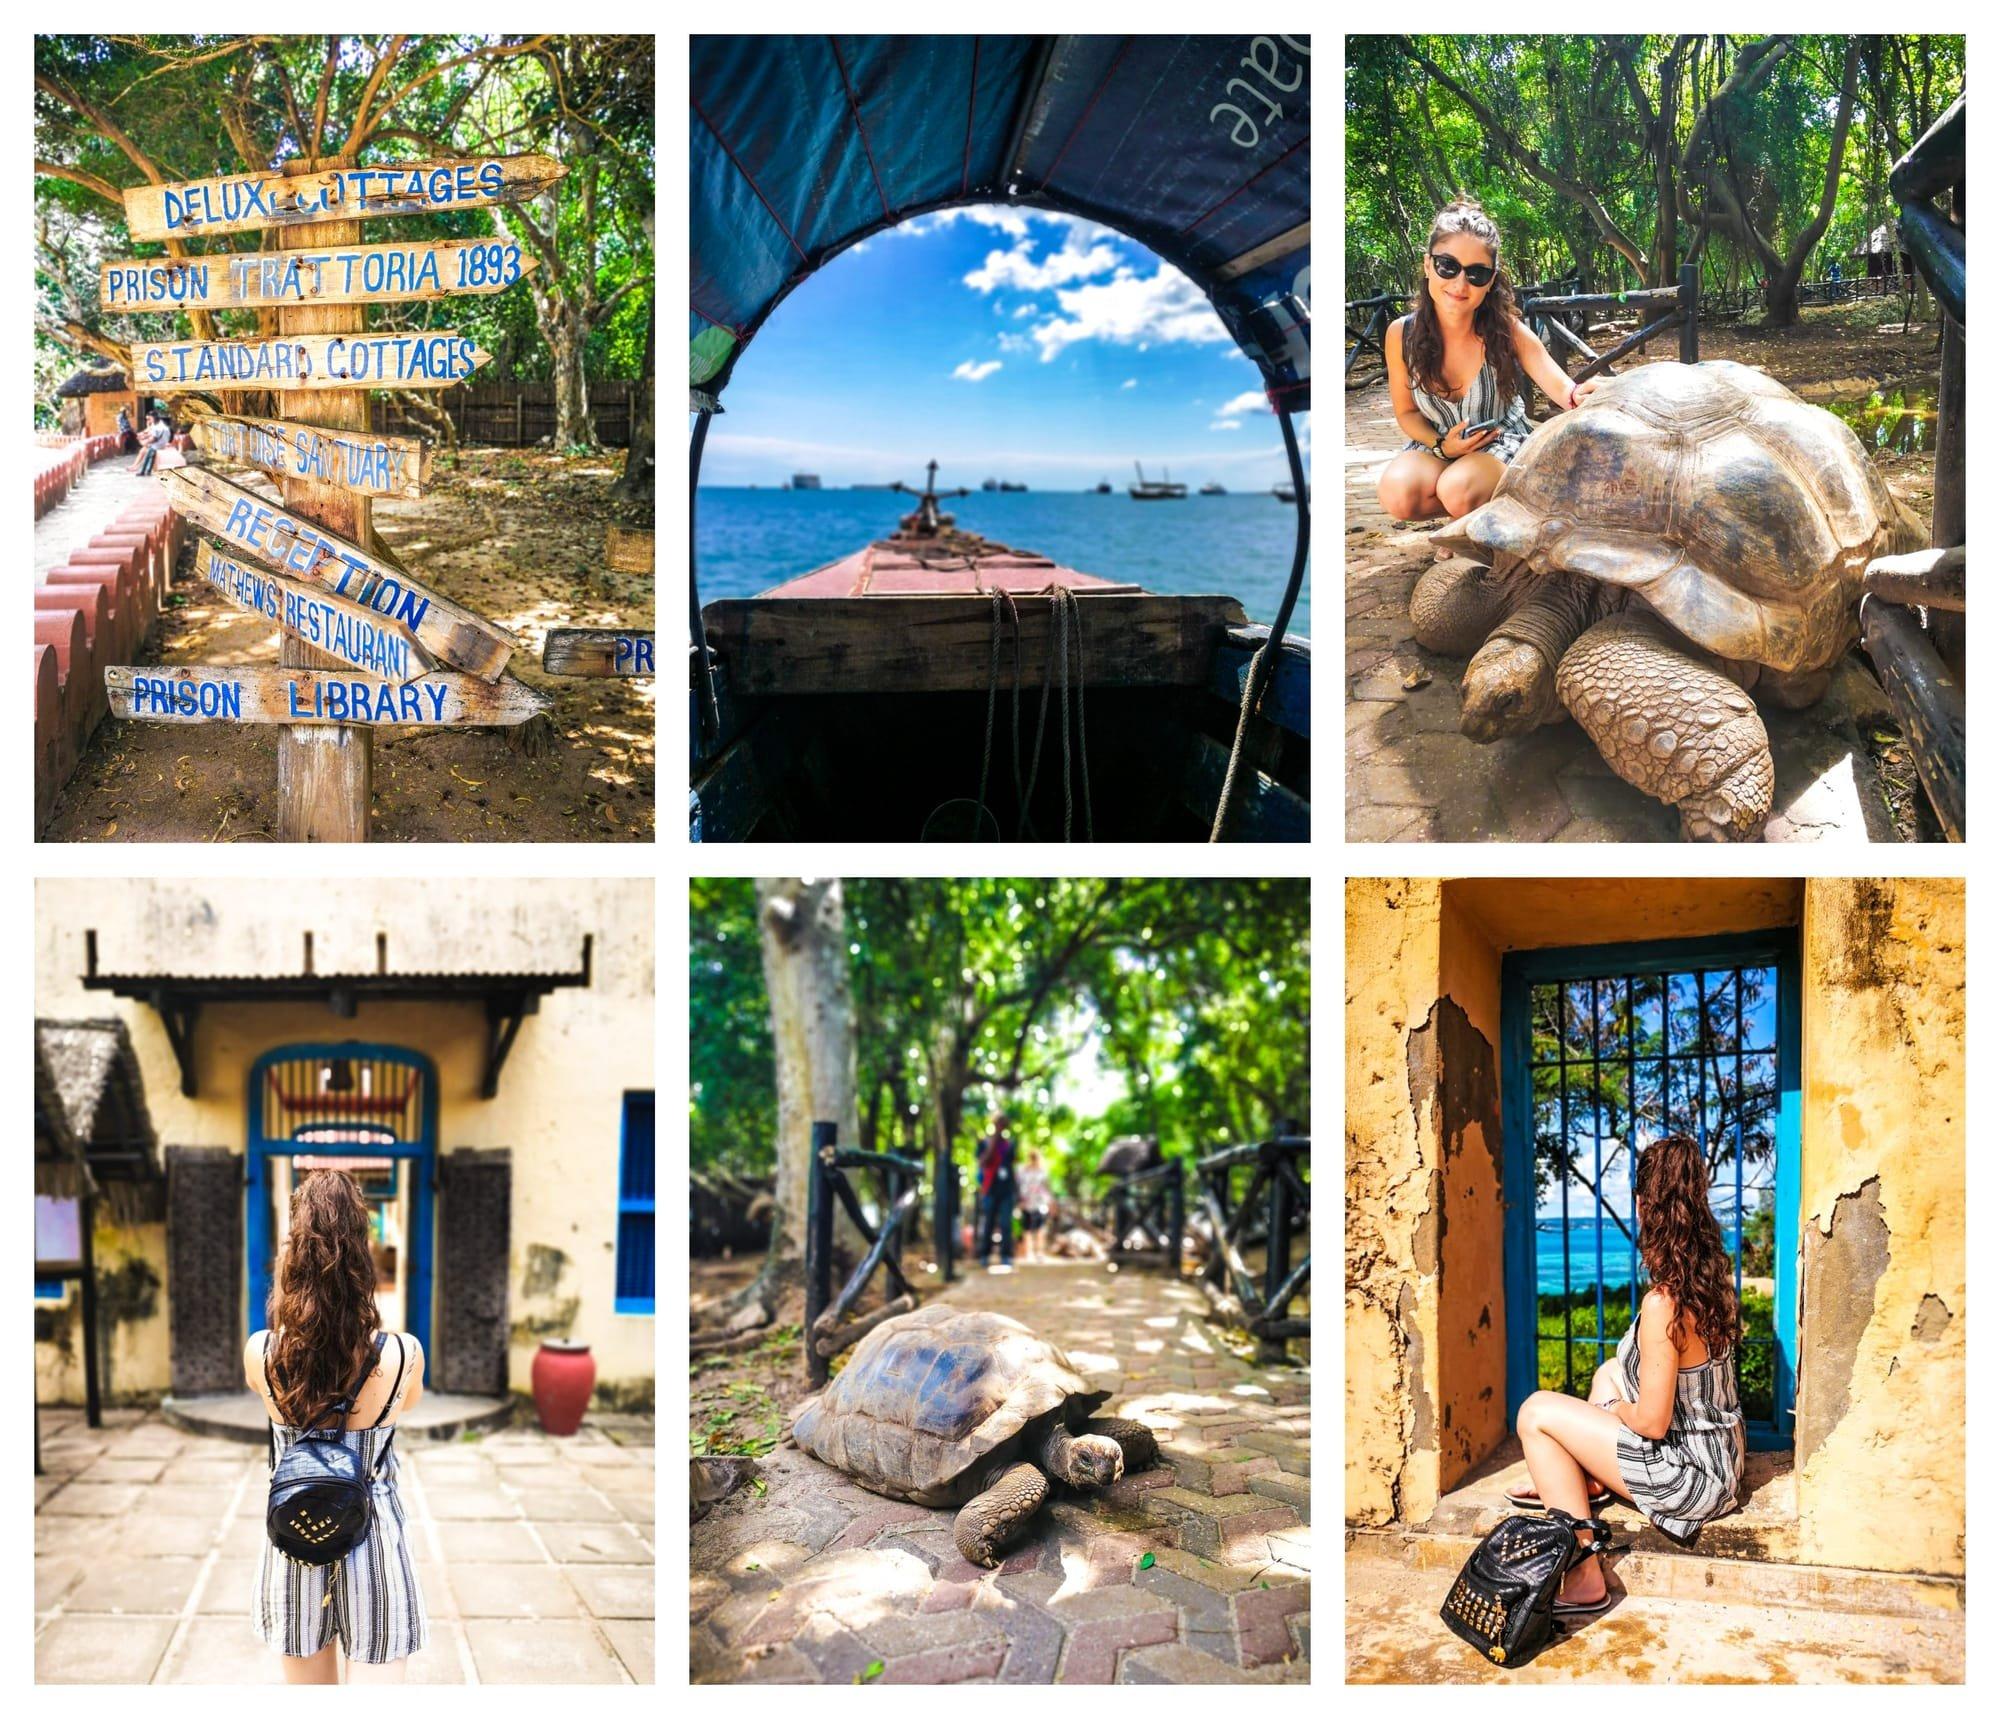 upoznavanje cura oroslavje cure za upoznavanje otok